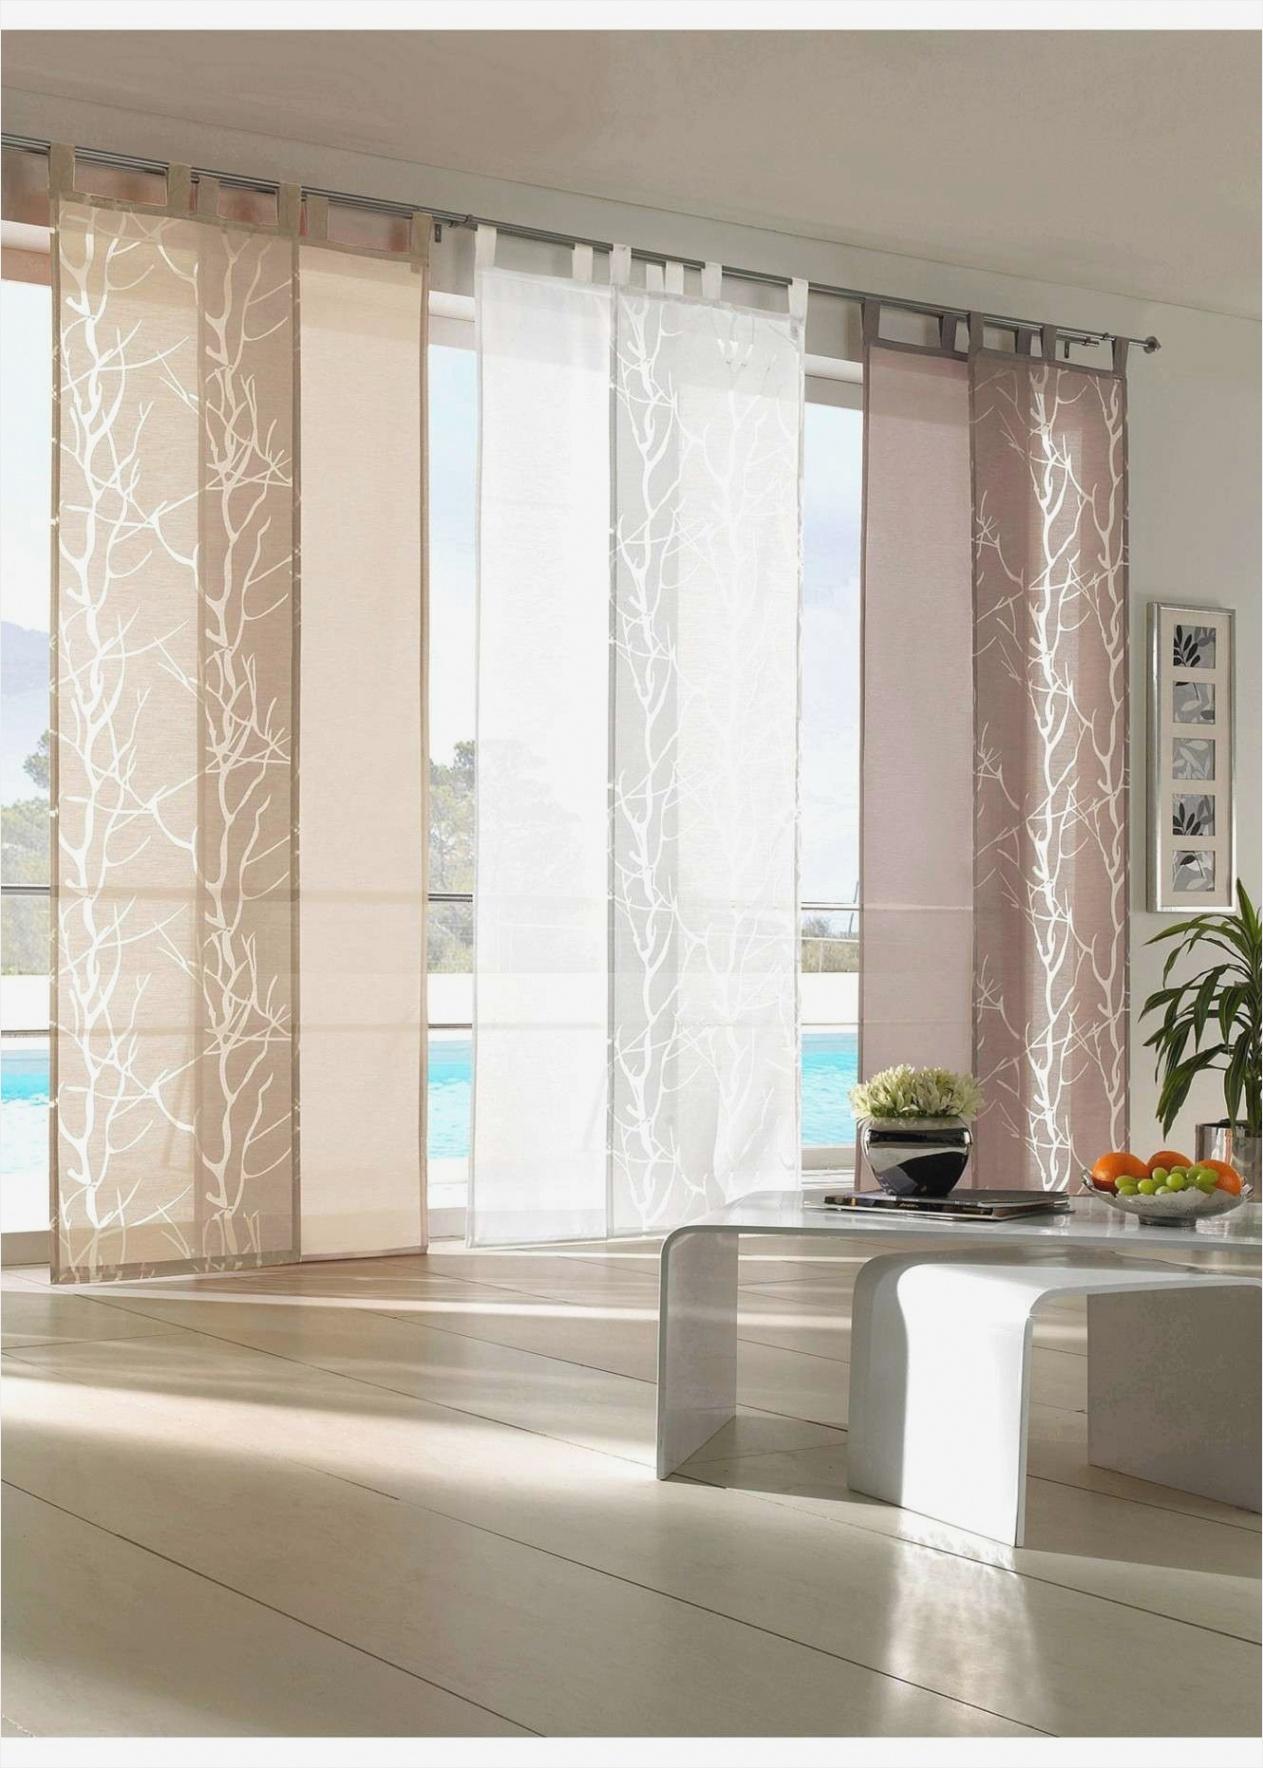 Full Size of Raffrollo Küchenfenster Küche Wohnzimmer Raffrollo Küchenfenster